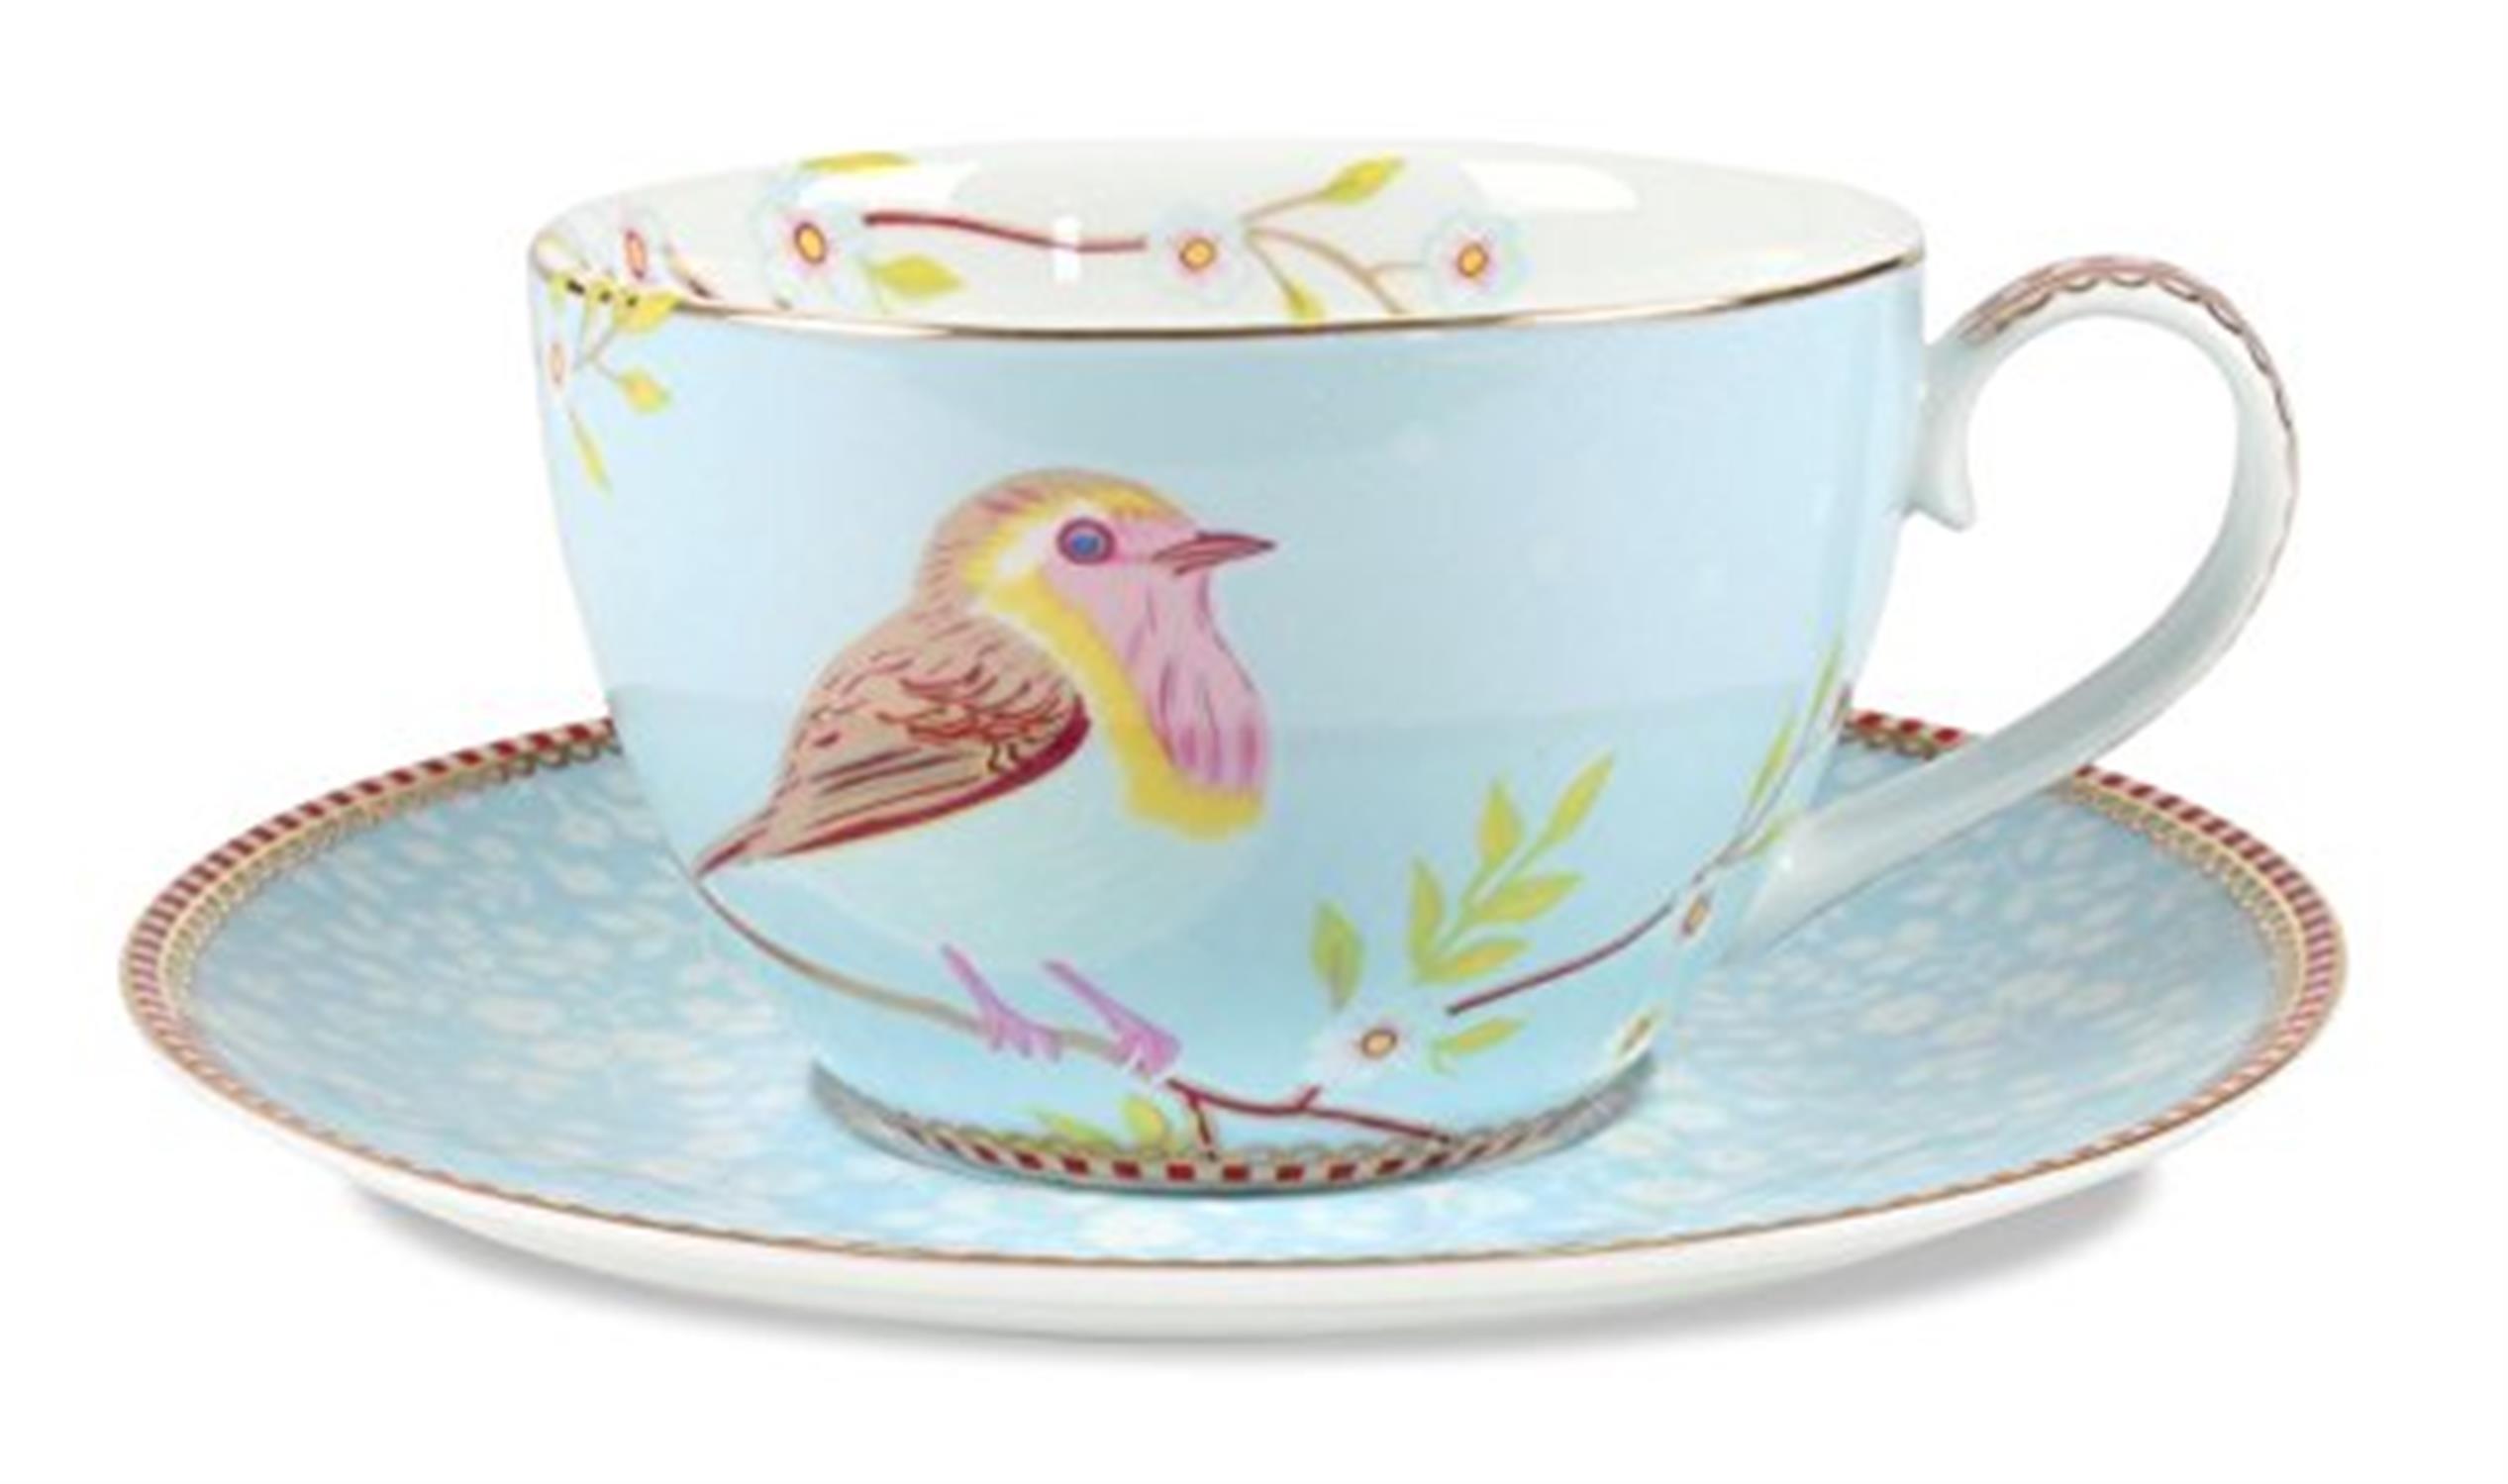 Φλιτζάνι καπουτσίνο με πιατάκι Floral 280ml πορσελάνινο γαλάζιο Pip Studio 51004002